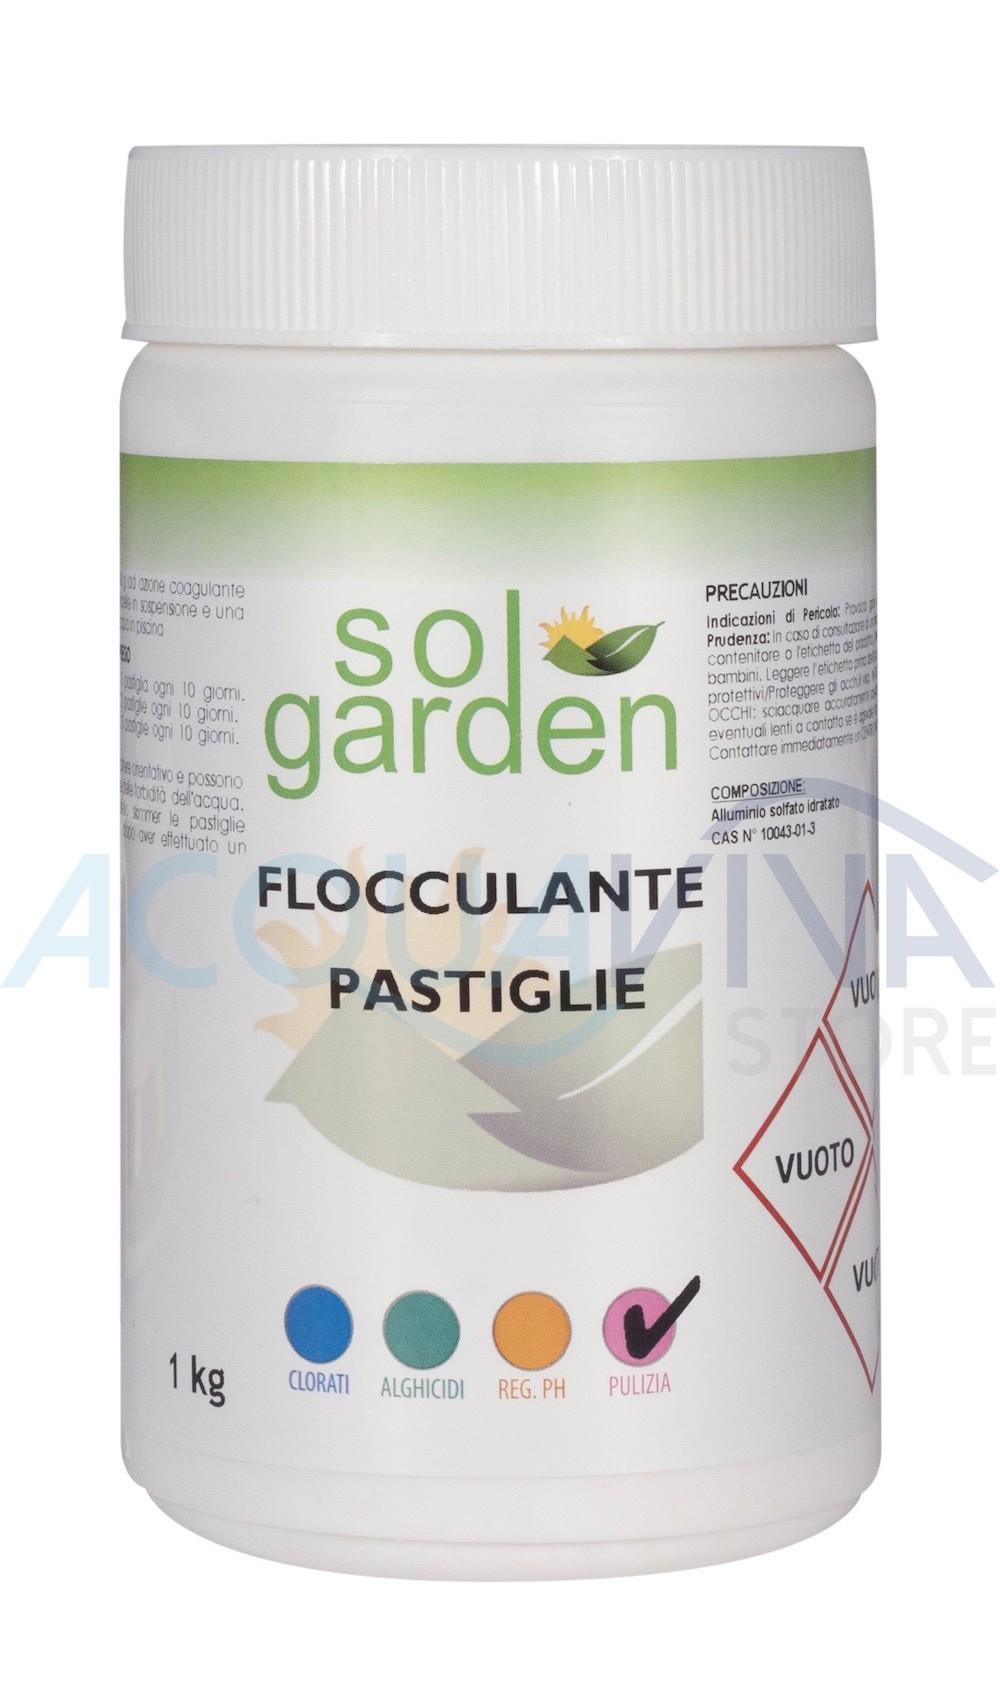 Flocculante in pastiglie 100g confezione da 1Kg SolGarden